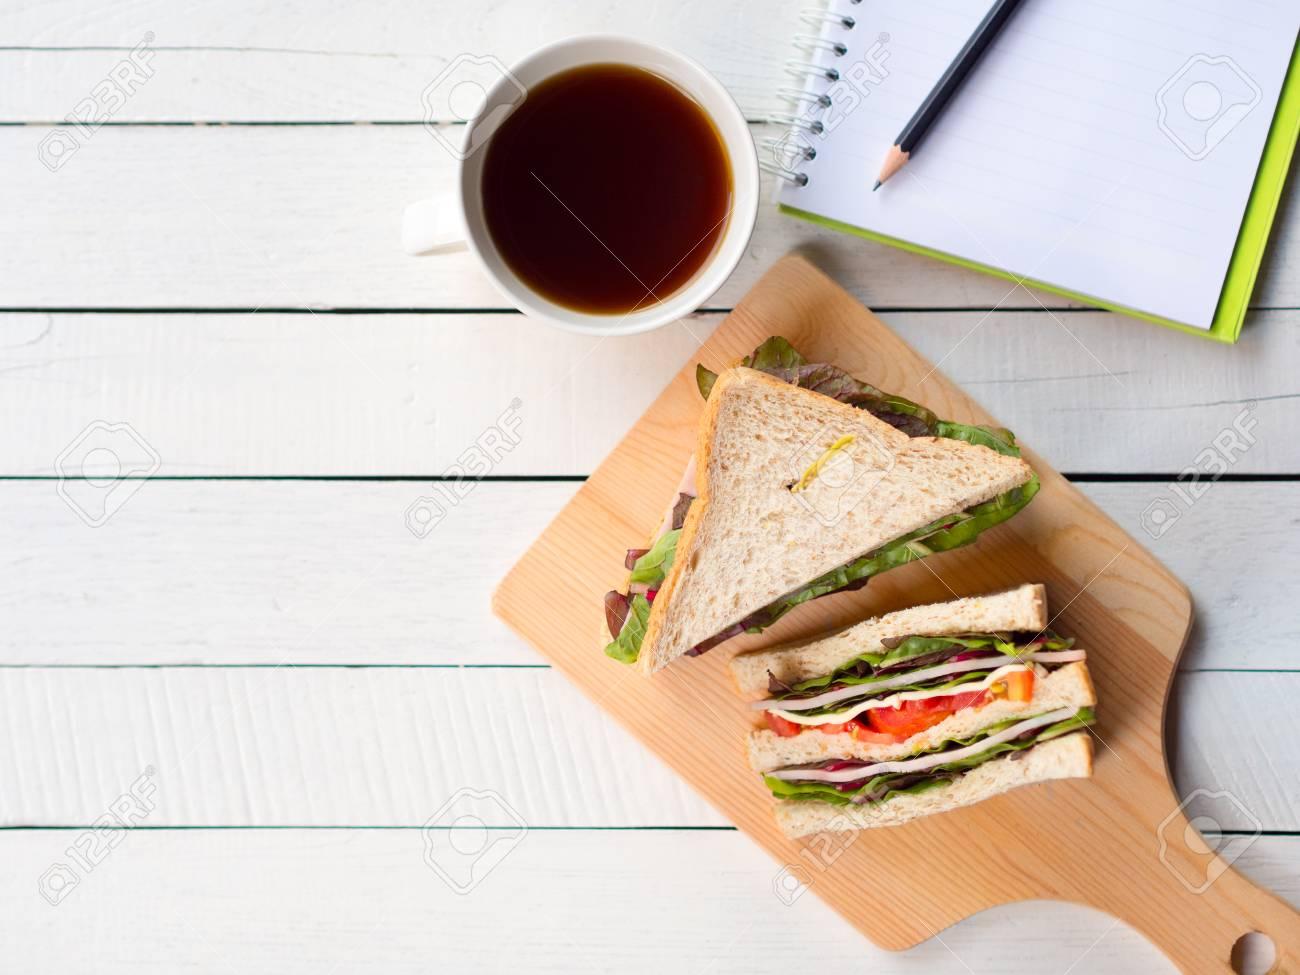 Sandwich au jambon fait maison et tasse à café pour le petit